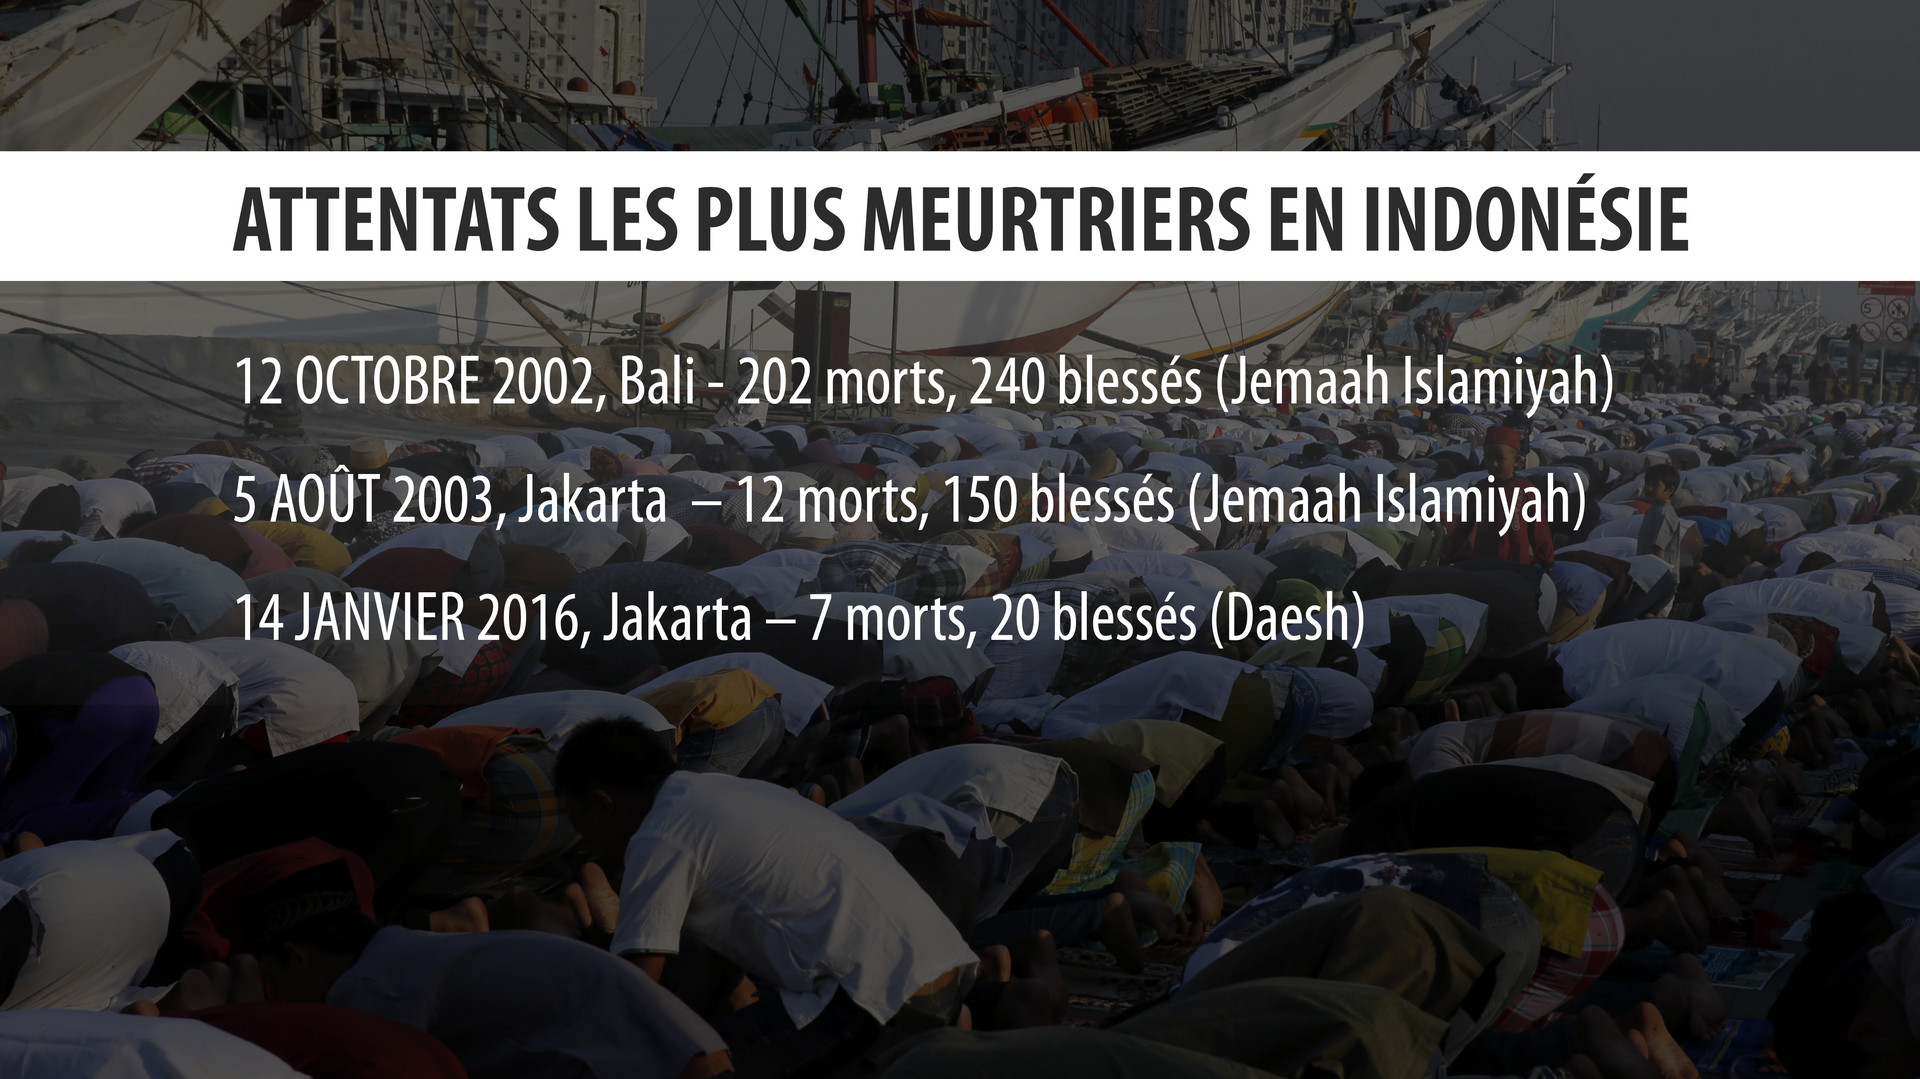 Pourquoi l'Indonésie est-elle frappée par Daesh à son tour ?